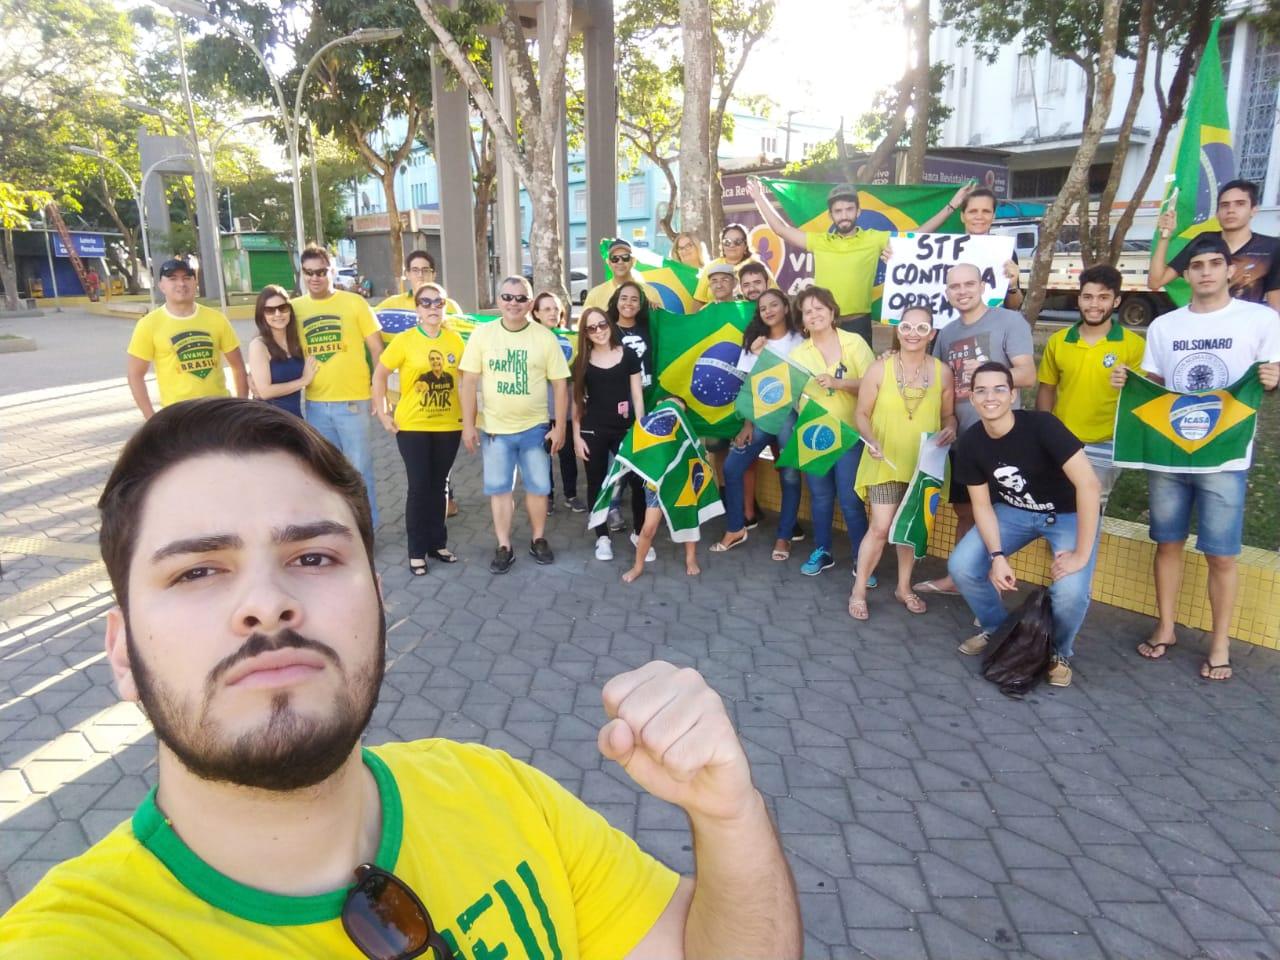 Ato conservador pede impeachment de Gilmar Mendes, em Campina Grande - Polêmica Paraíba